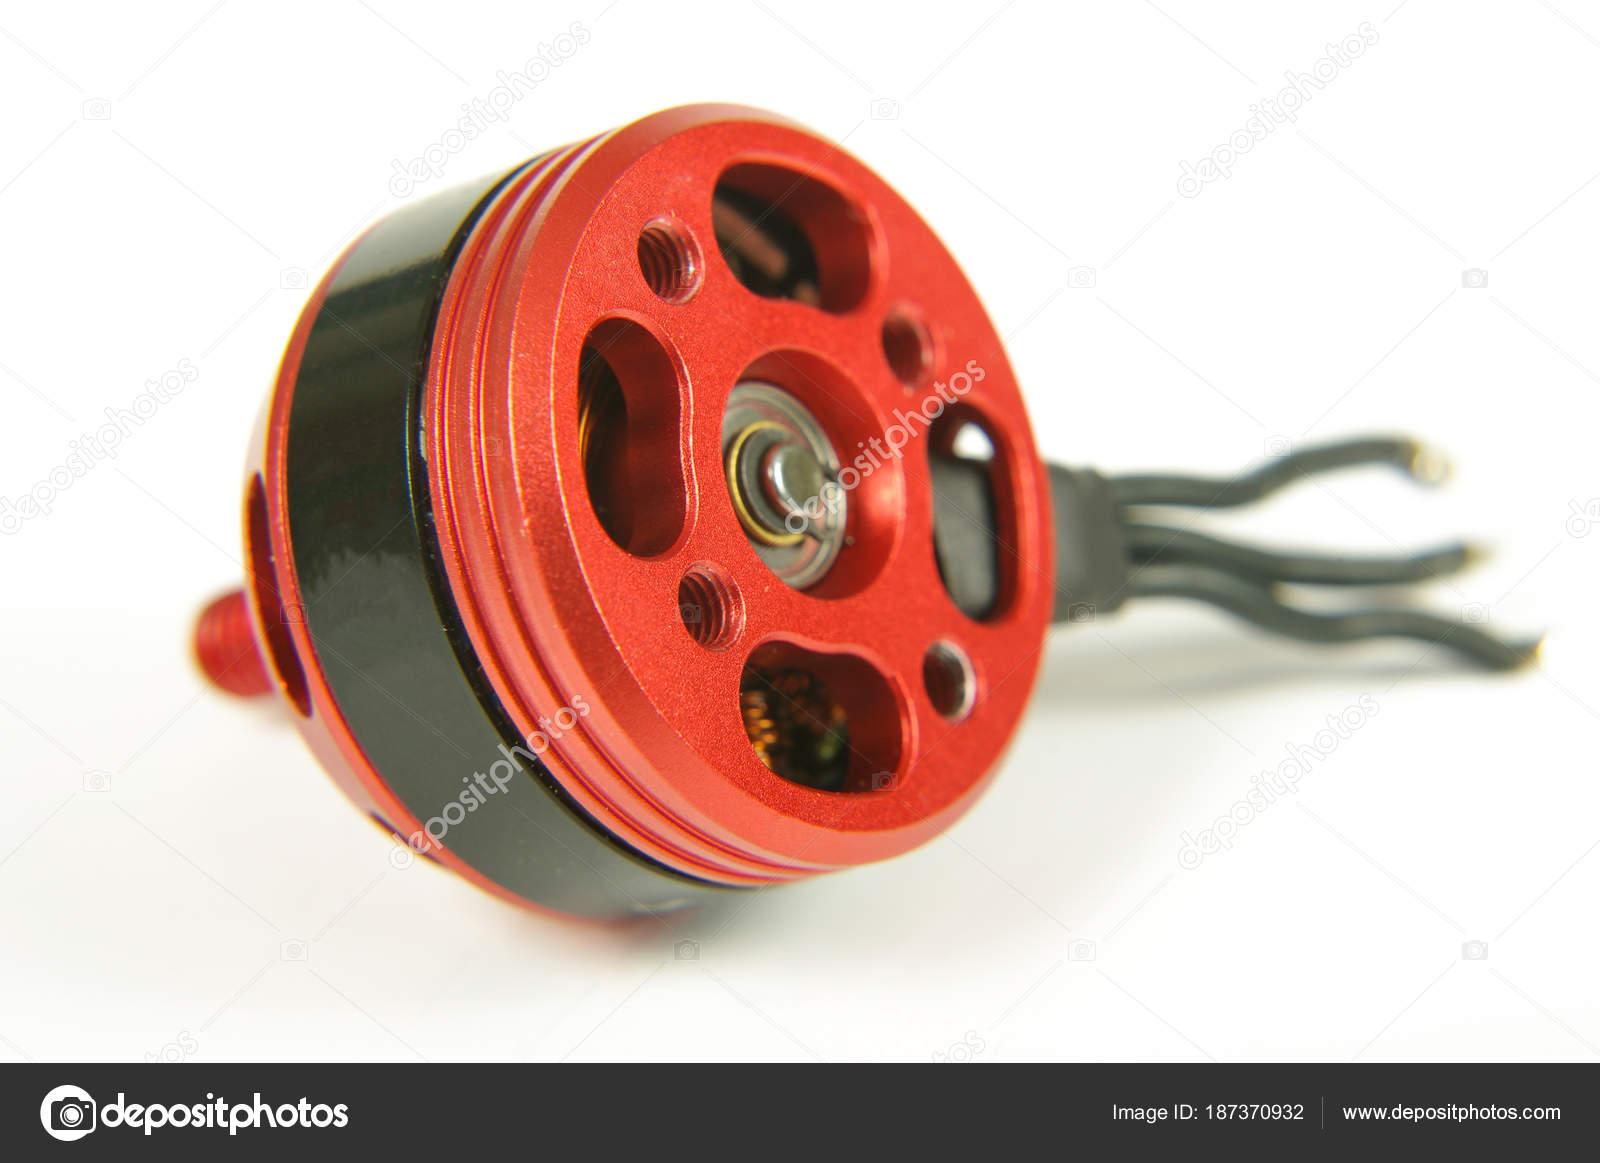 Motore Brushless Con Fili Isolati Su Fondo Bianco Foto Stock Piccolo Wiring Using Motor Per Droni Di Corse Amphoto